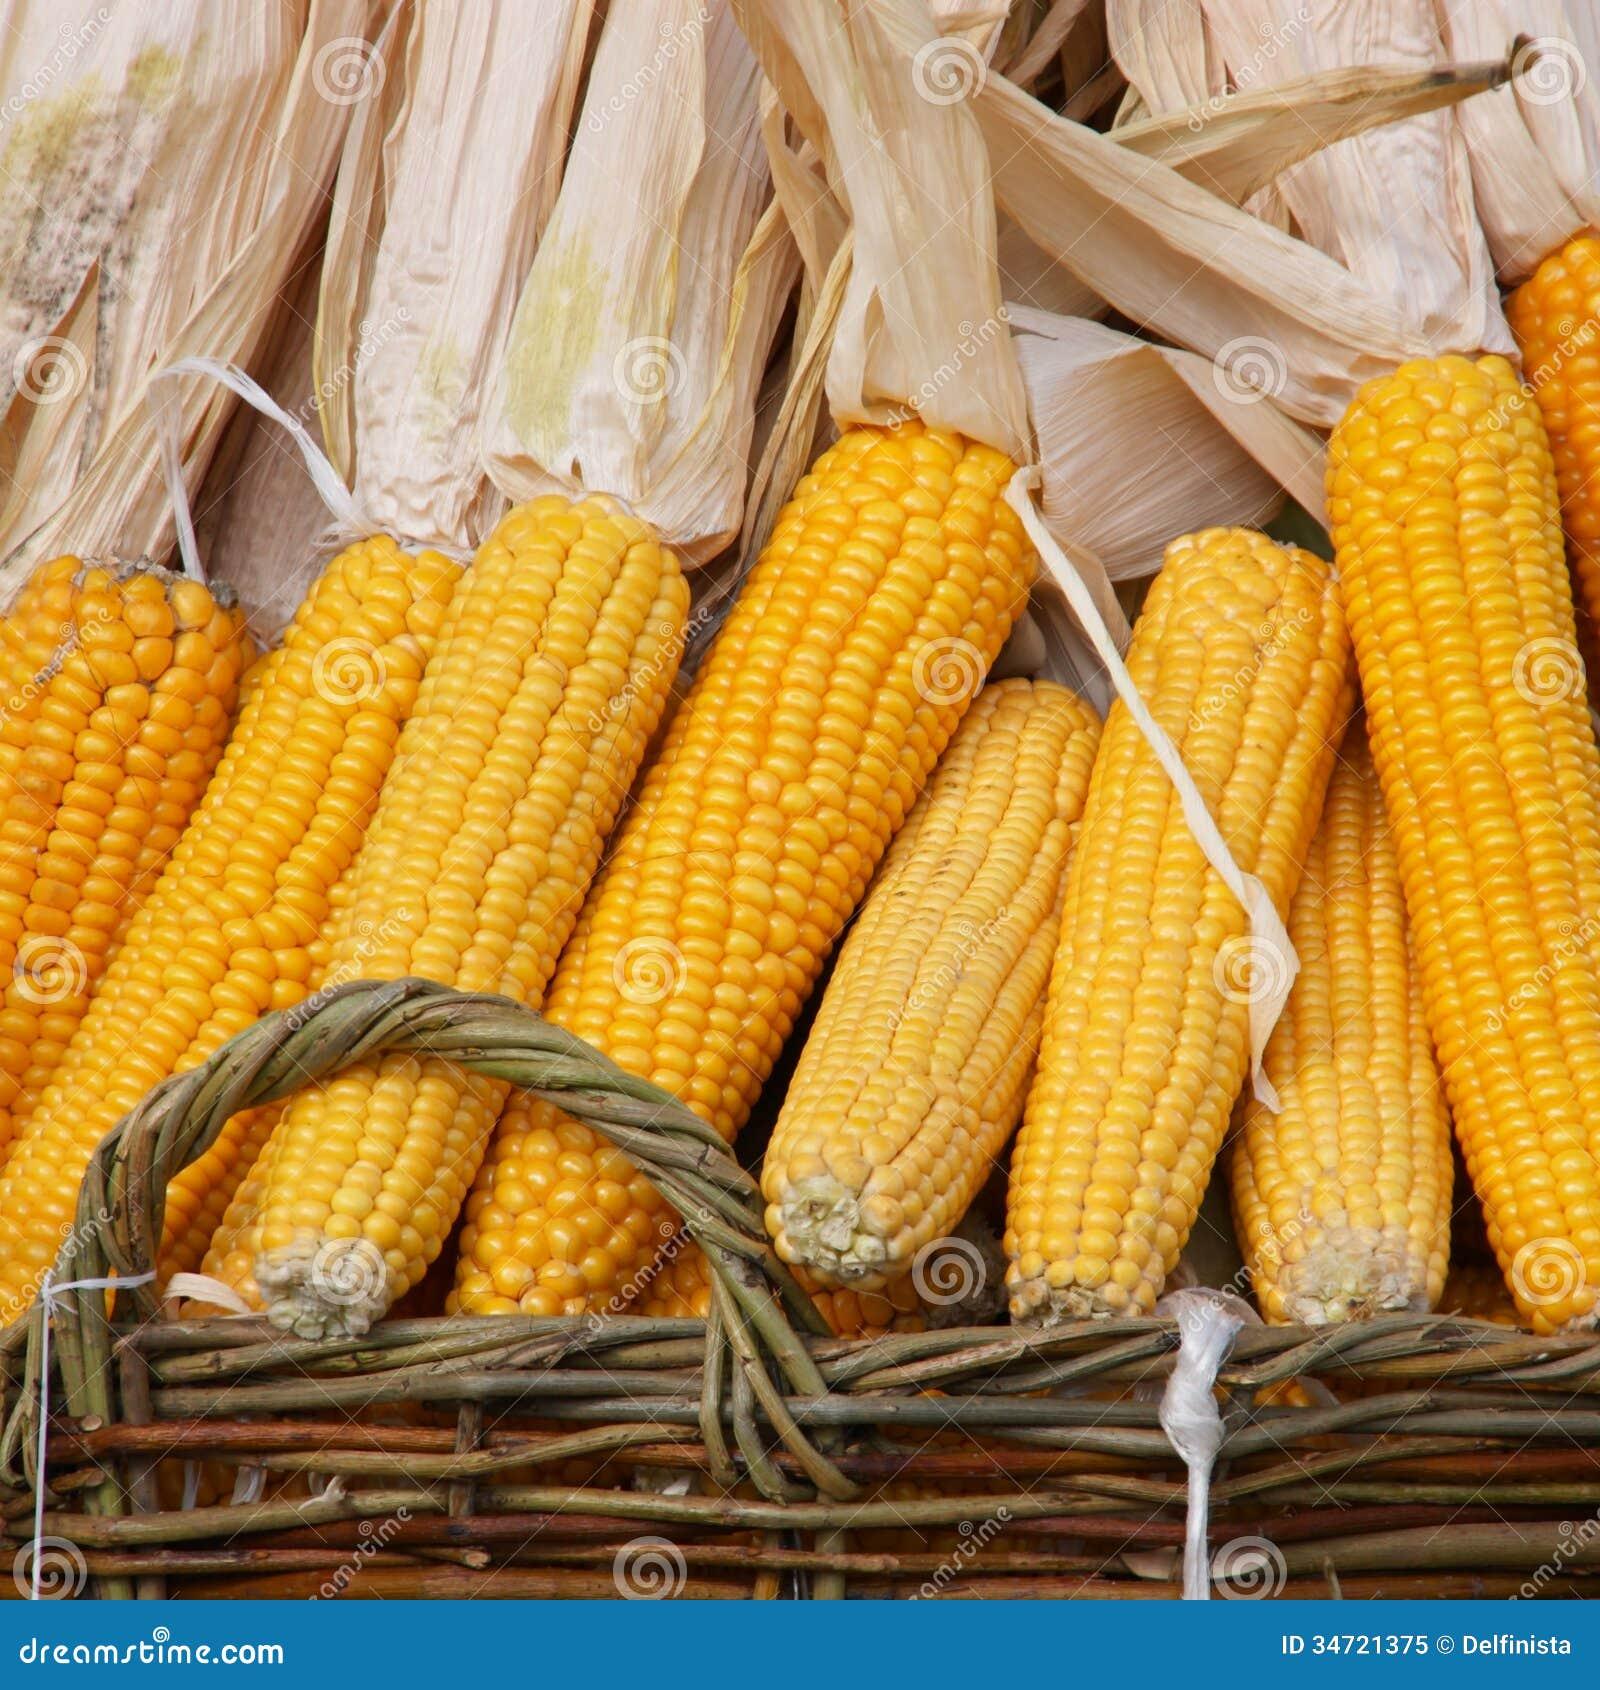 Indischer Mais: Maiskolben in einem Korb - Fotos auf Lager